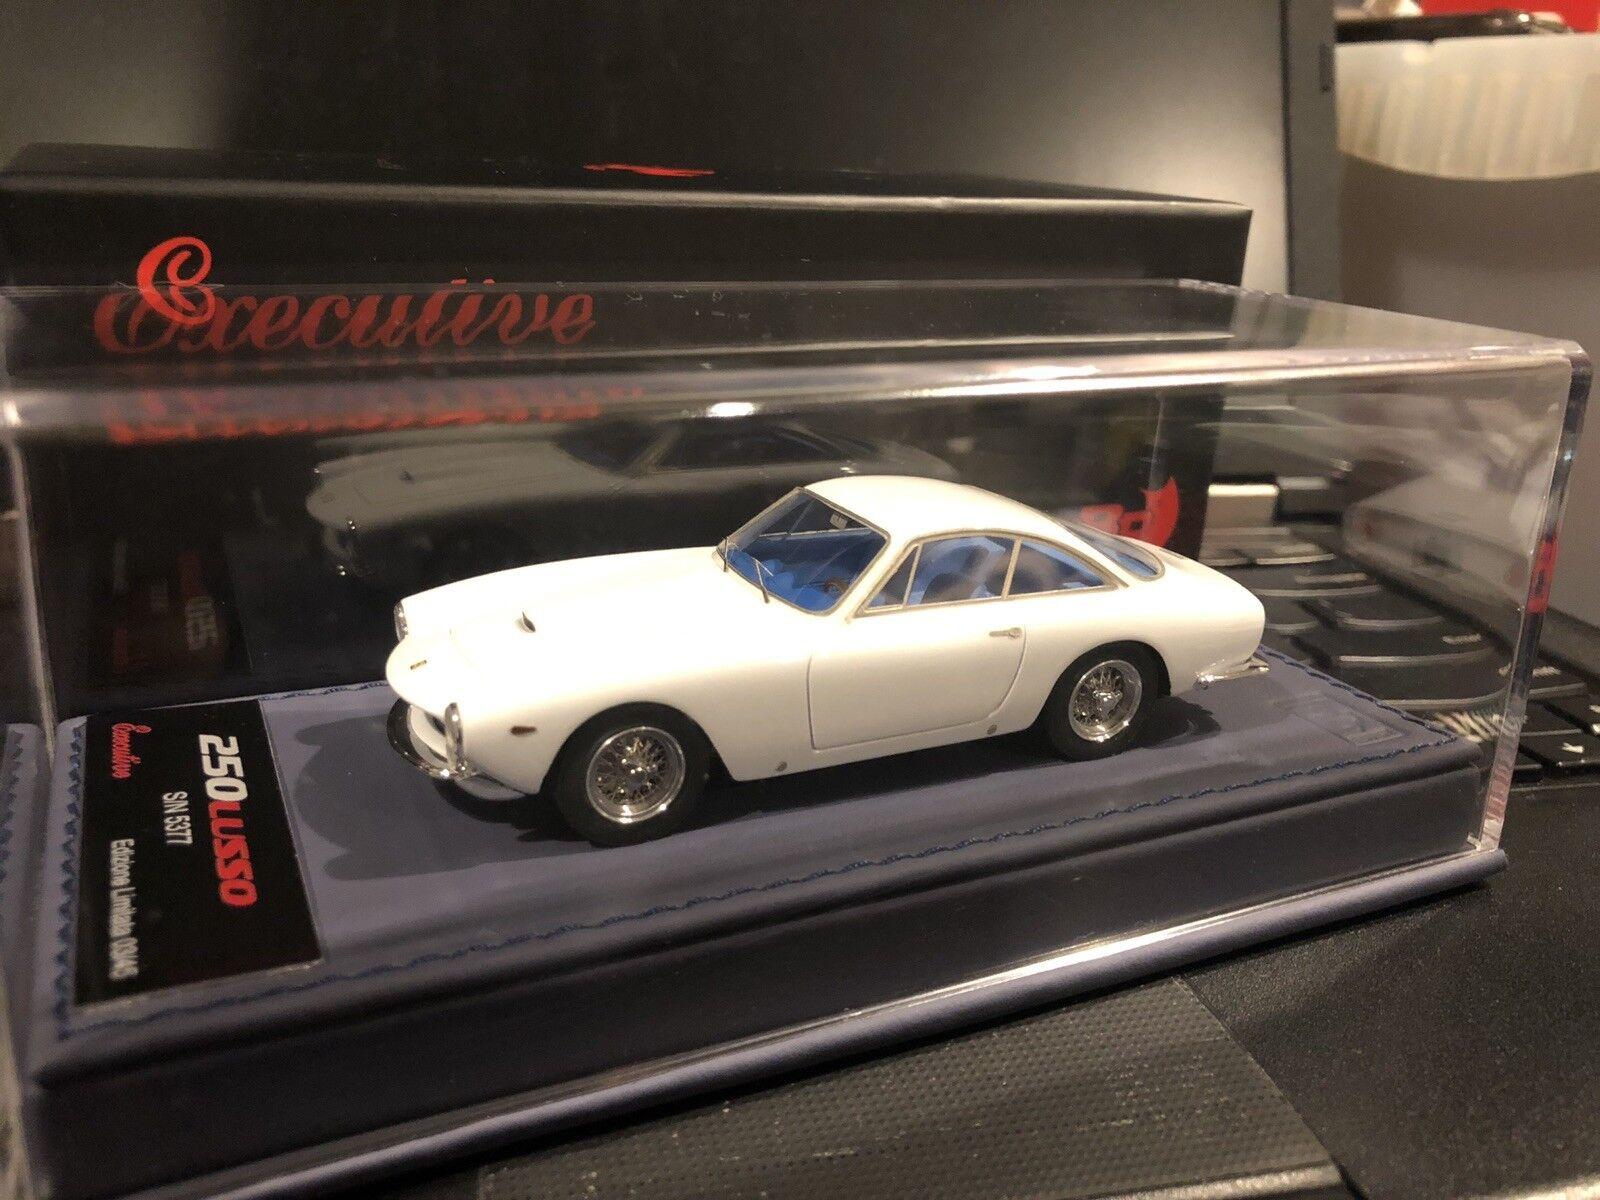 negozio outlet 1 43 Bbr Ferrari 250 Gt Lusso Lusso Lusso Sn 5377 Bianco CDL211  03 45 N Mr AMR Nuovo Sold  spedizione veloce a te